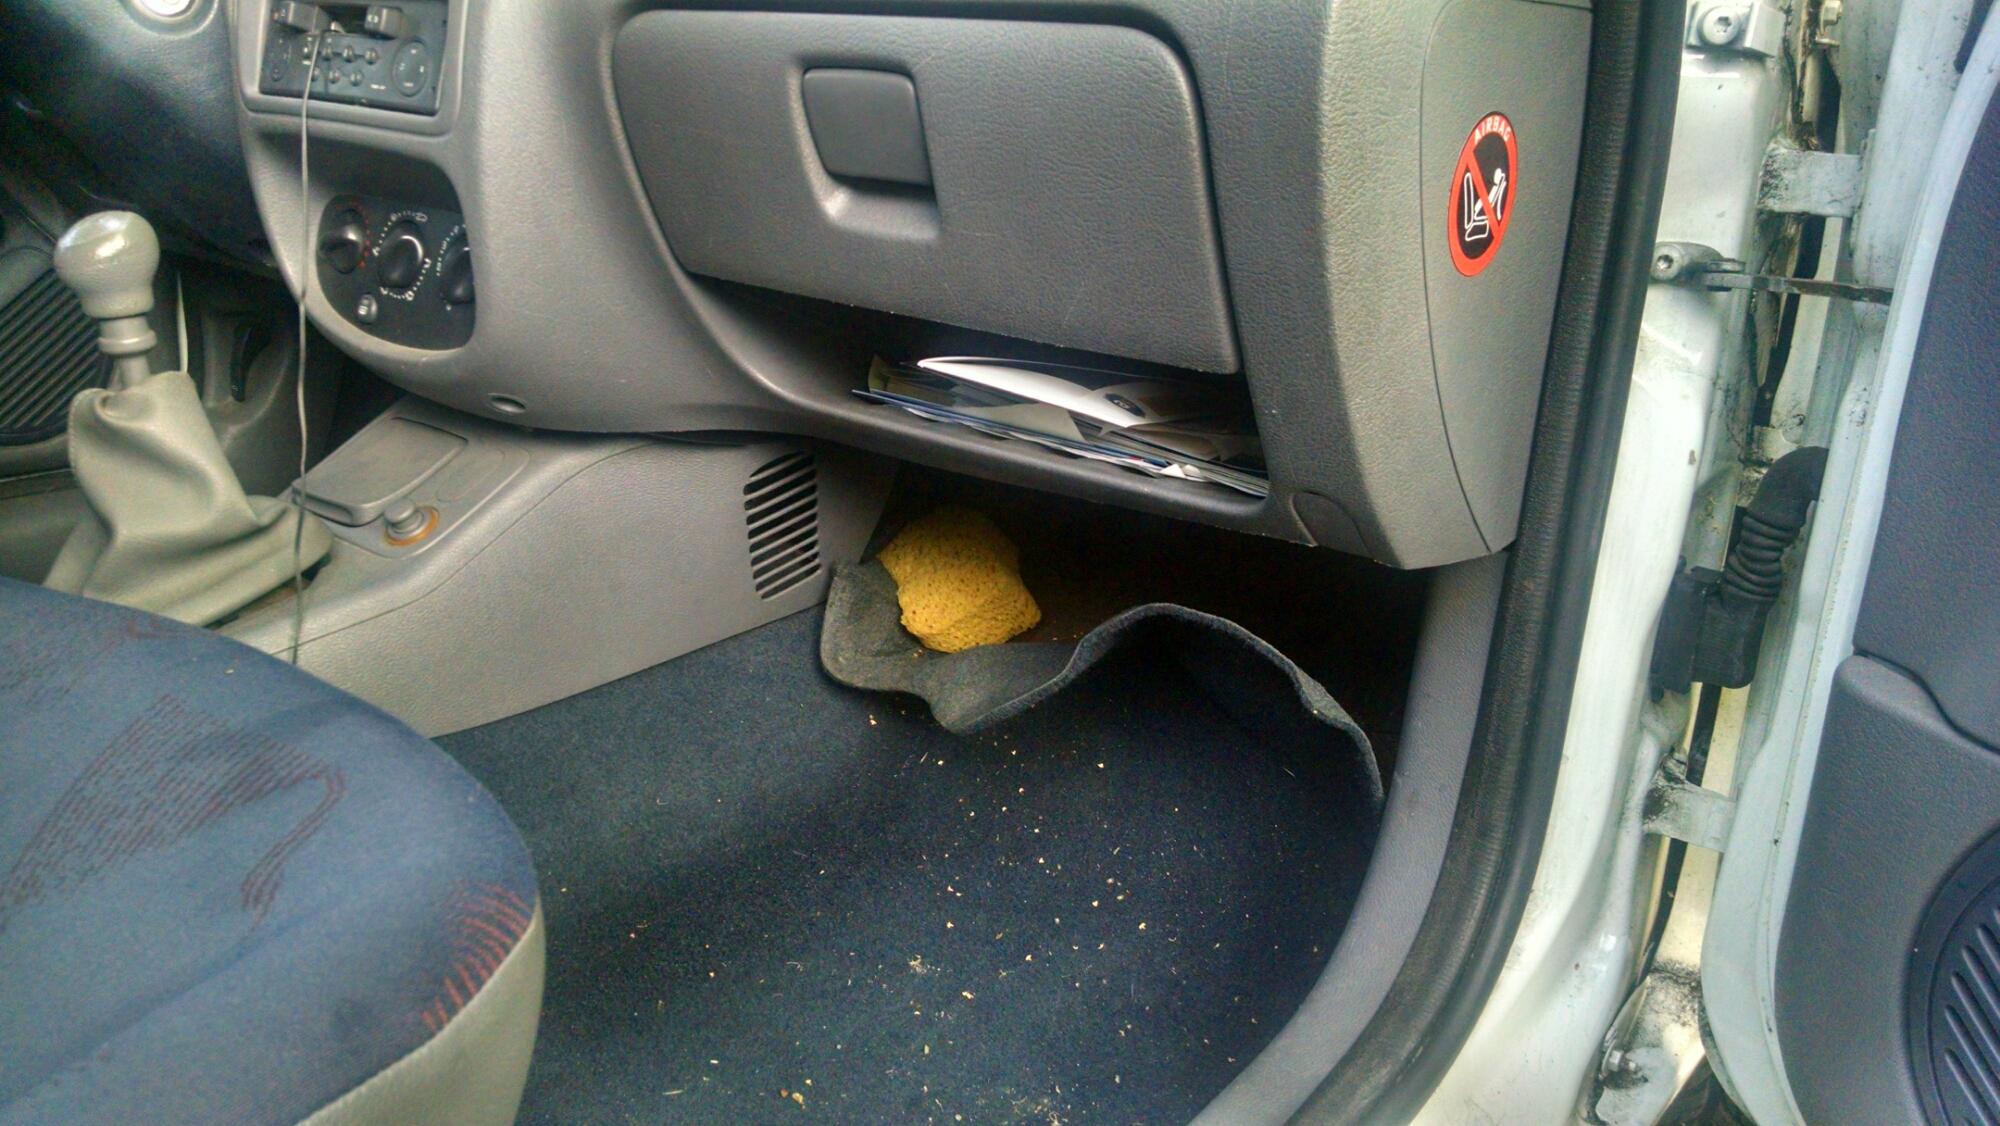 2 1 1 4 rte bruit d 39 eau pendant acc l ration moteur for Chauffage interieur voiture